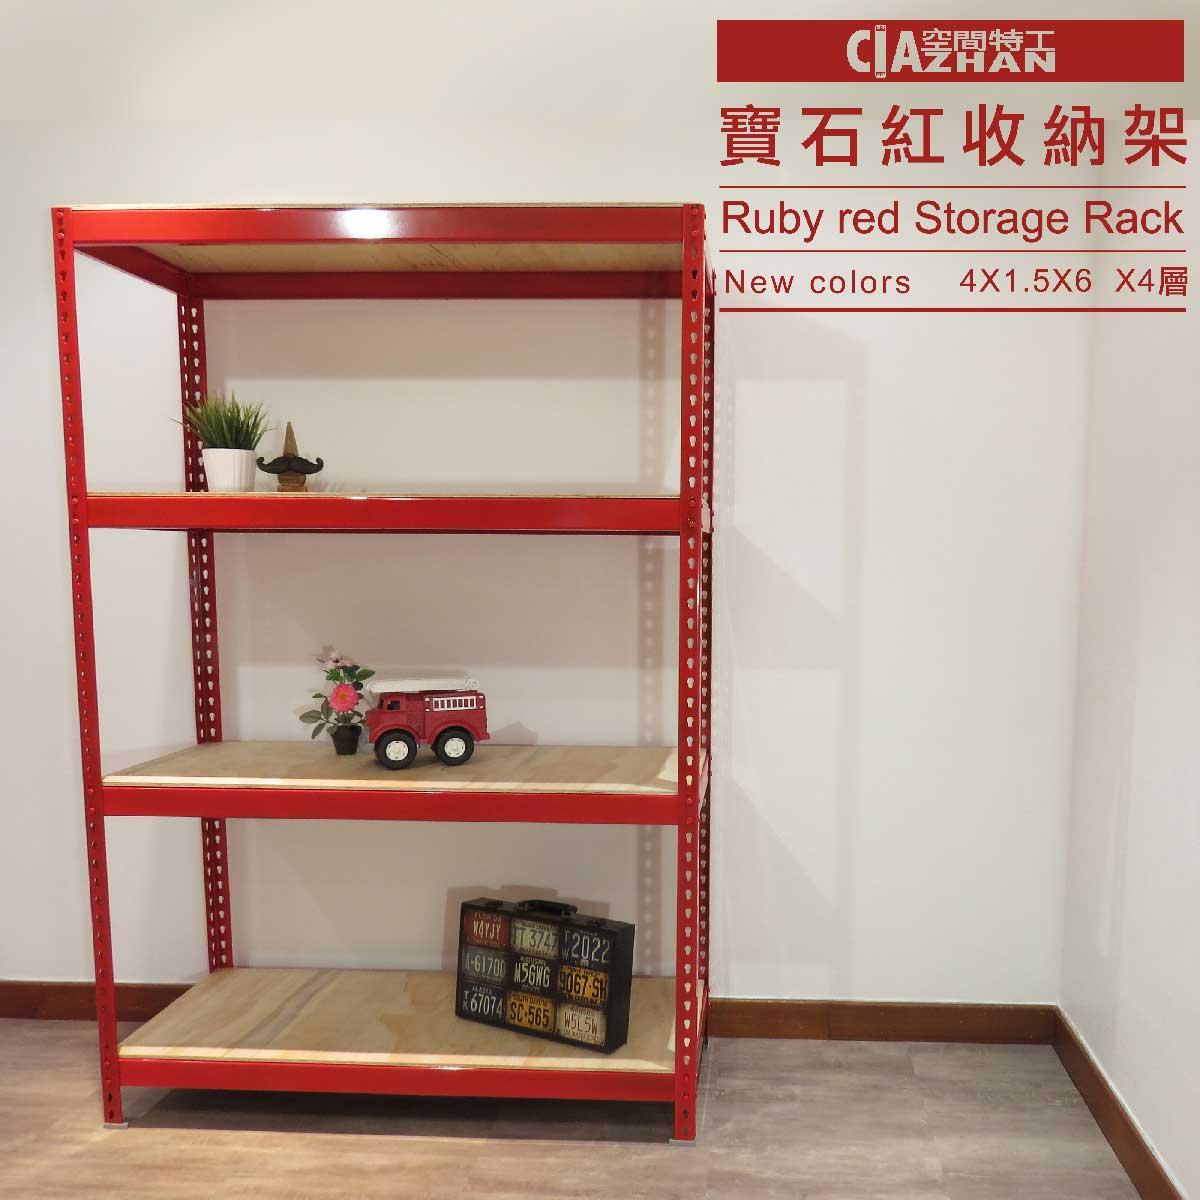 寶石紅角鋼收納架 (長4尺x深1.5尺x4層,高6尺)【空間特工】書架 衣櫃 鐵架 檔案架 書櫃